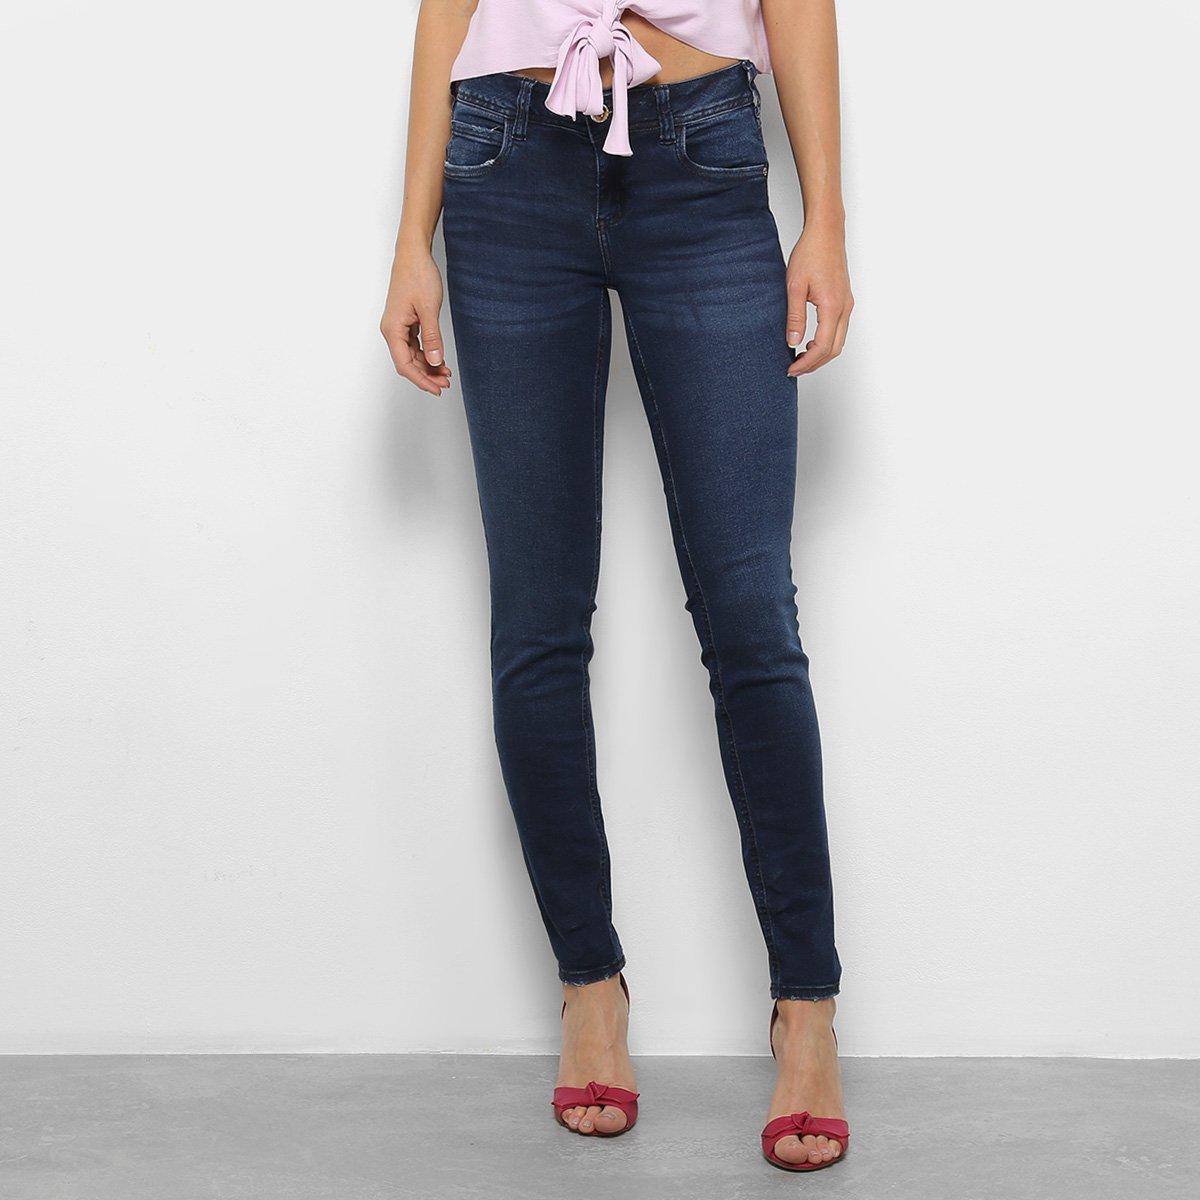 5a09841ca Calça Jeans Skinny Katy Cintura Média Feminina